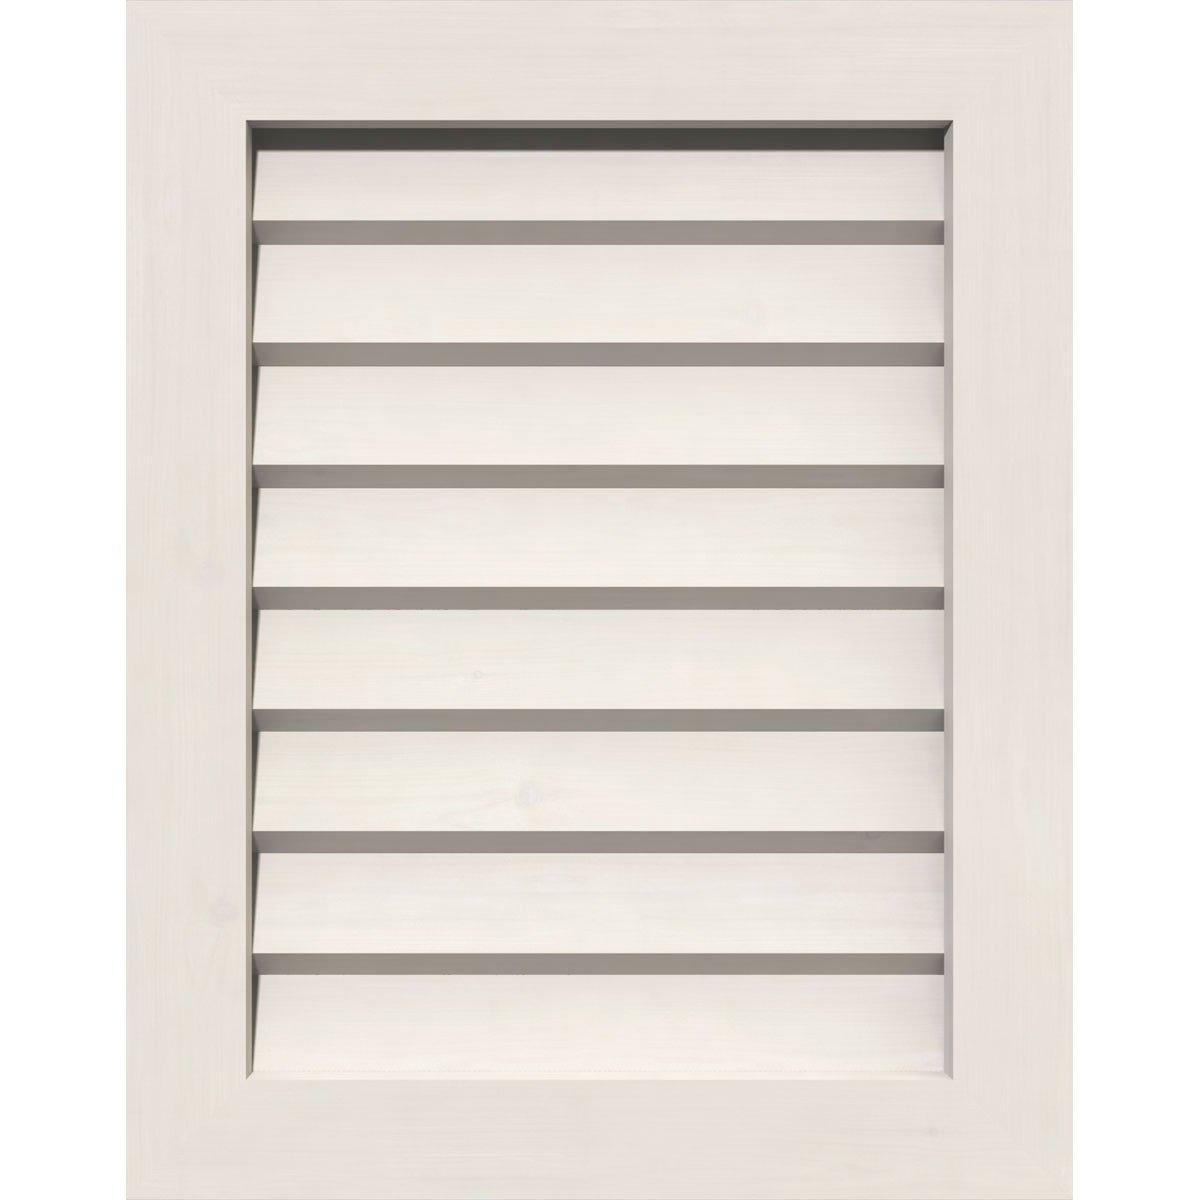 Ekena Millwork GVPVE20X1801DUN Pvc Gable Vent, 20'' W x 18'' H (25'' W x 23'' H Frame Size), White